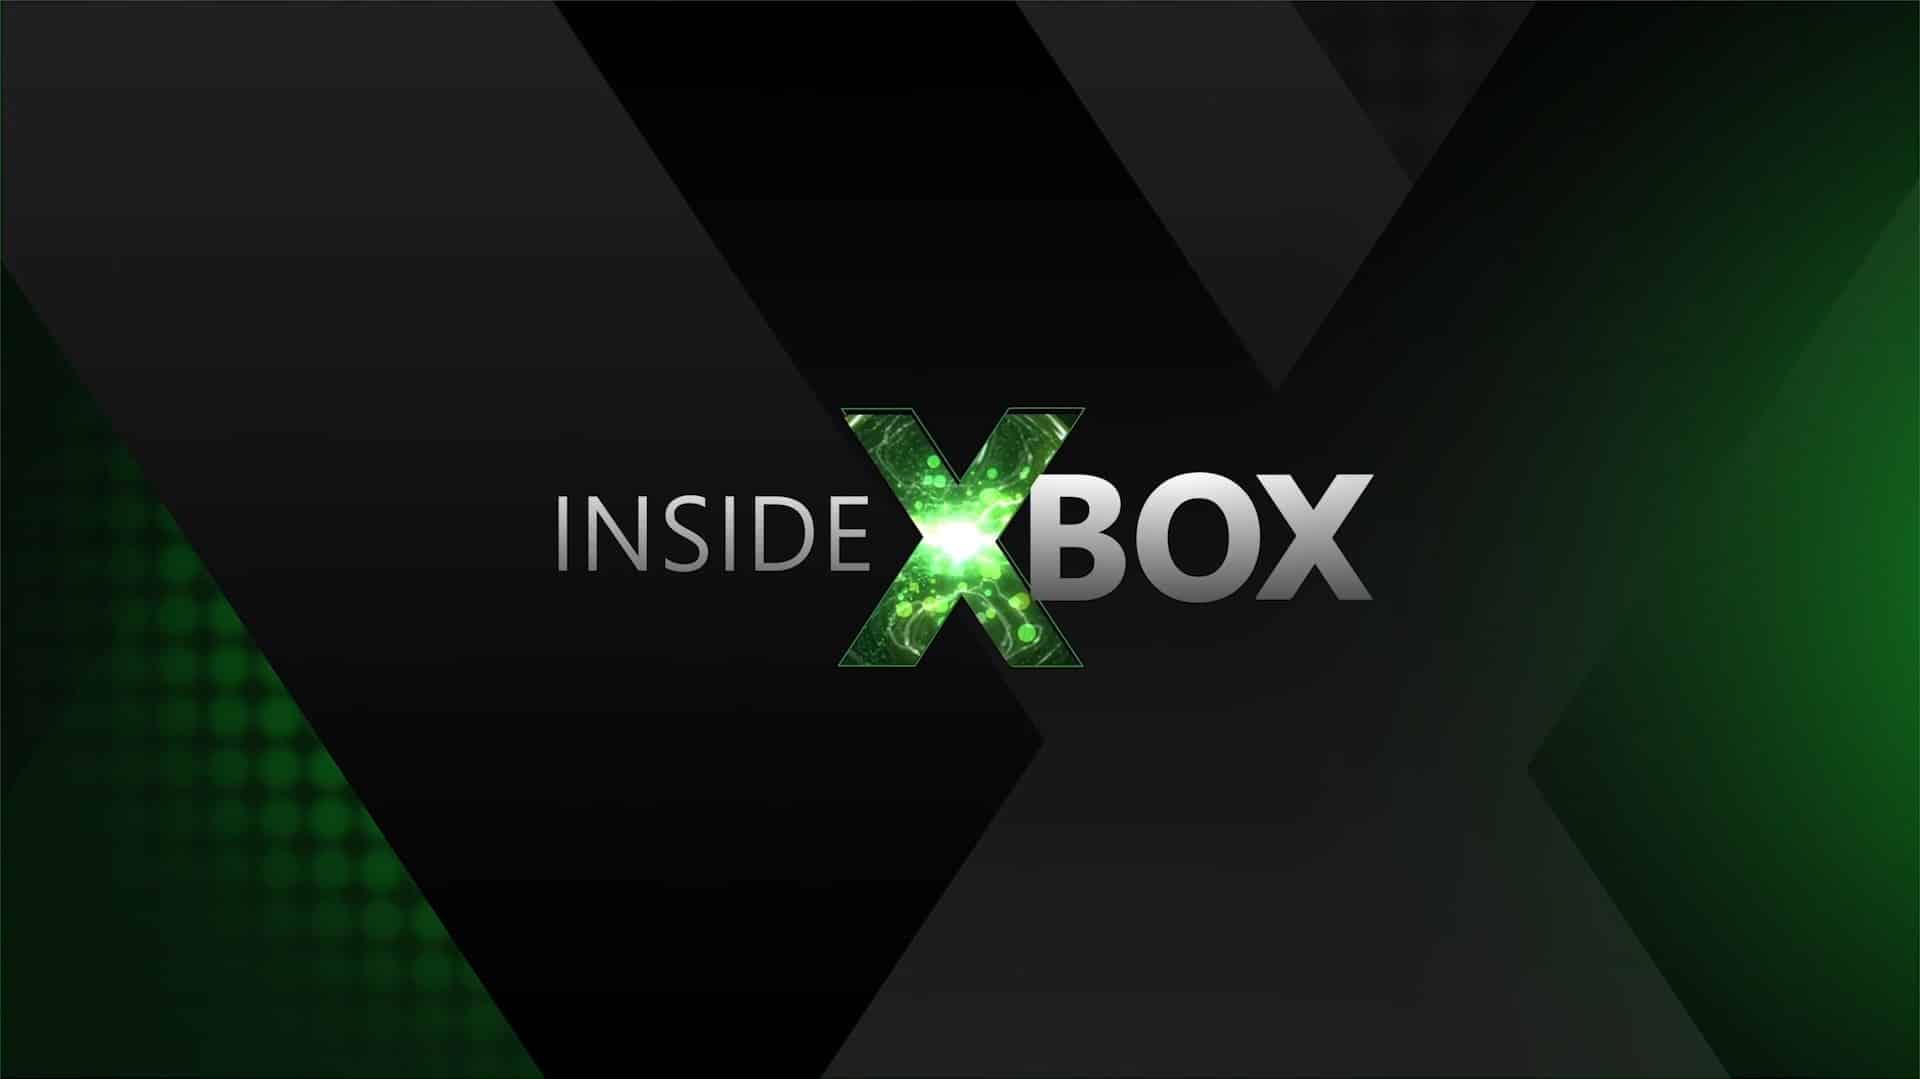 xbox inside